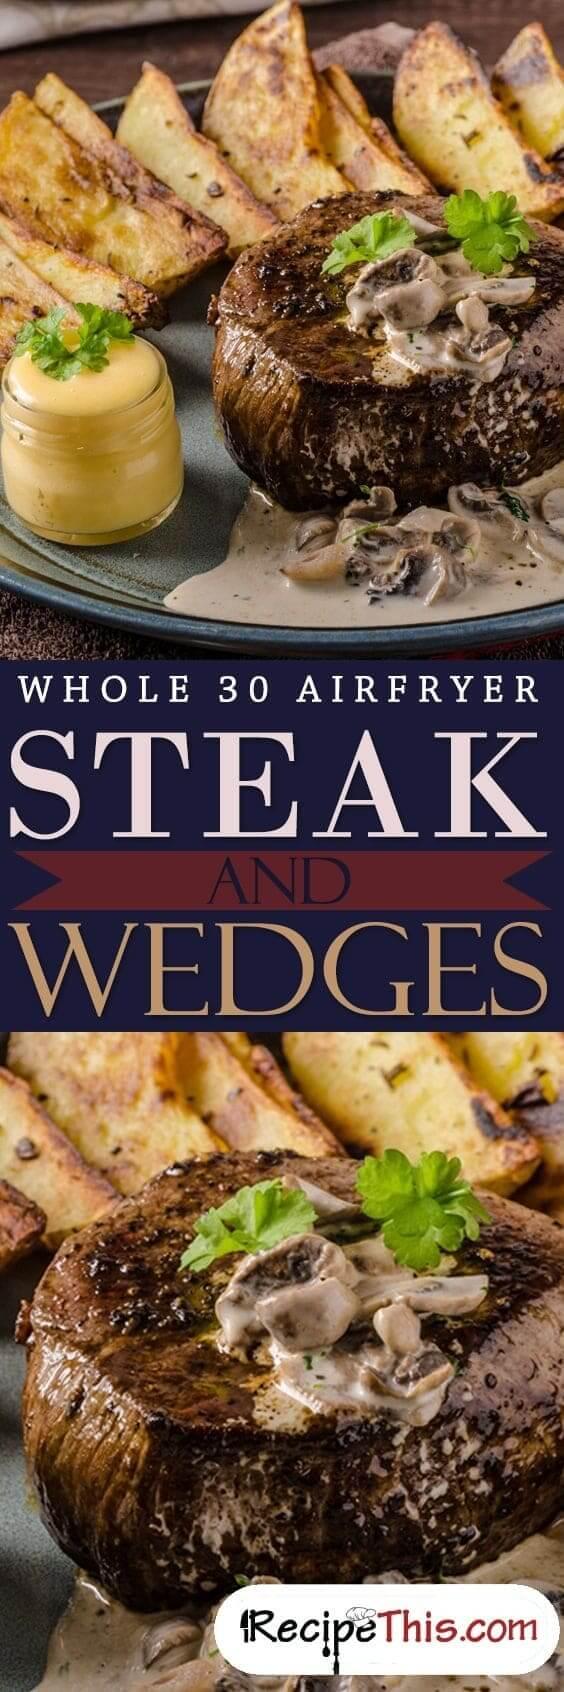 Whole 30 Airfryer Steak & Wedges